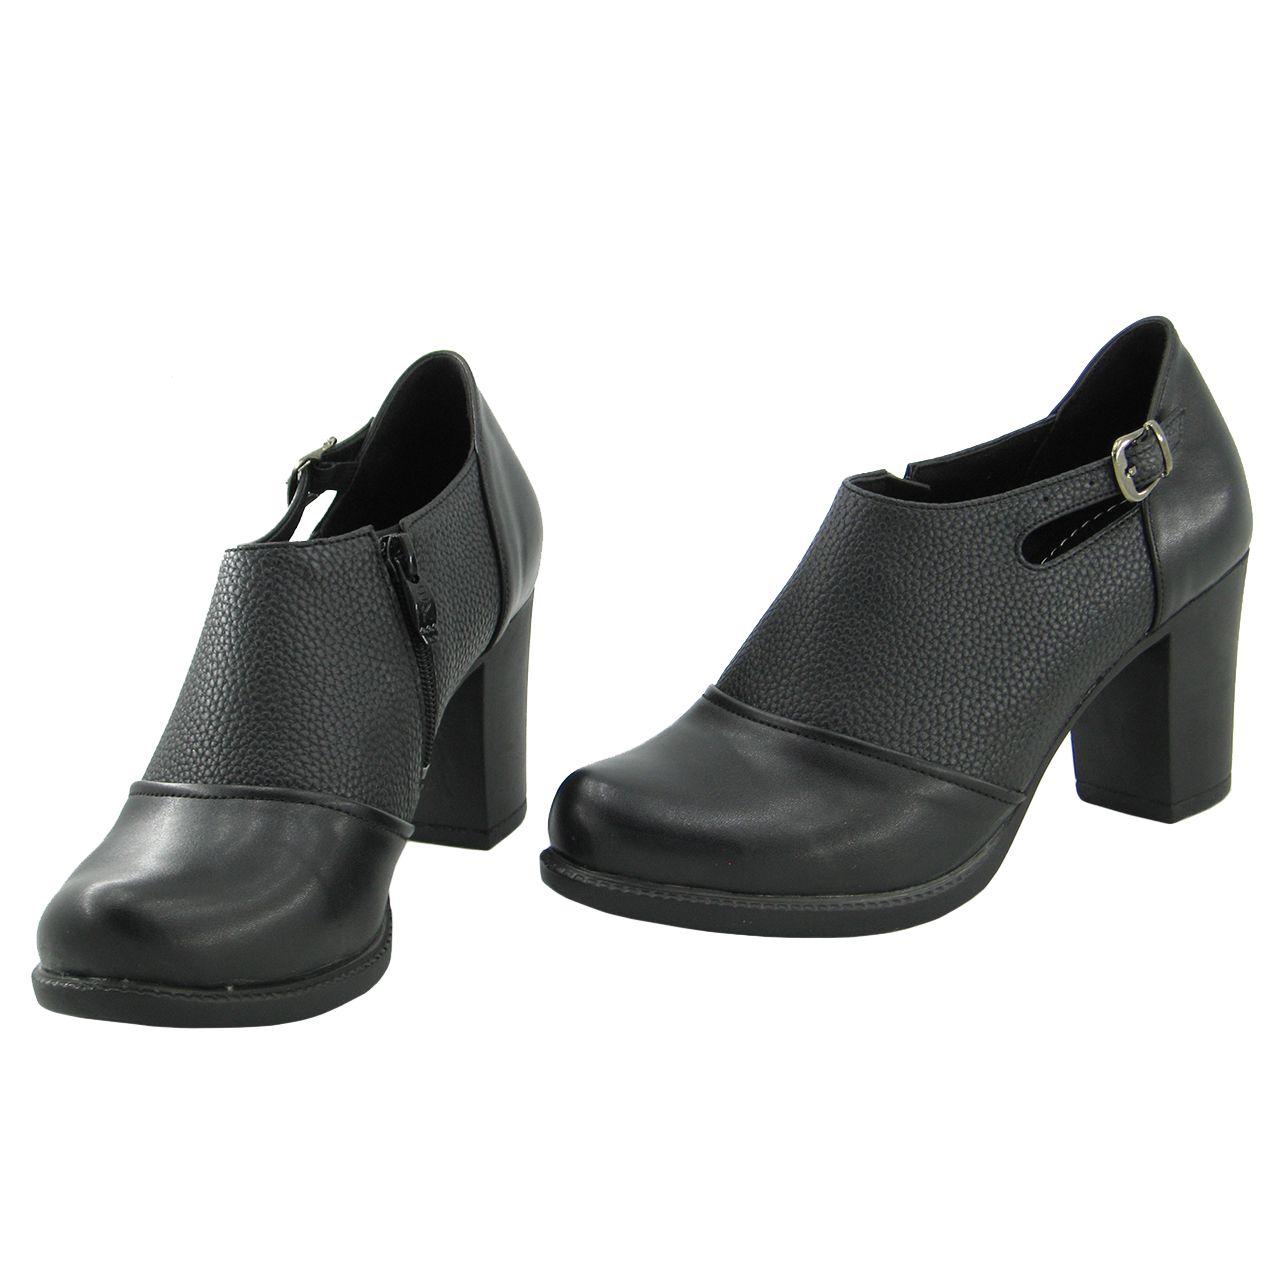 کفش زنانه مدل سانسا کد 01 -  - 6